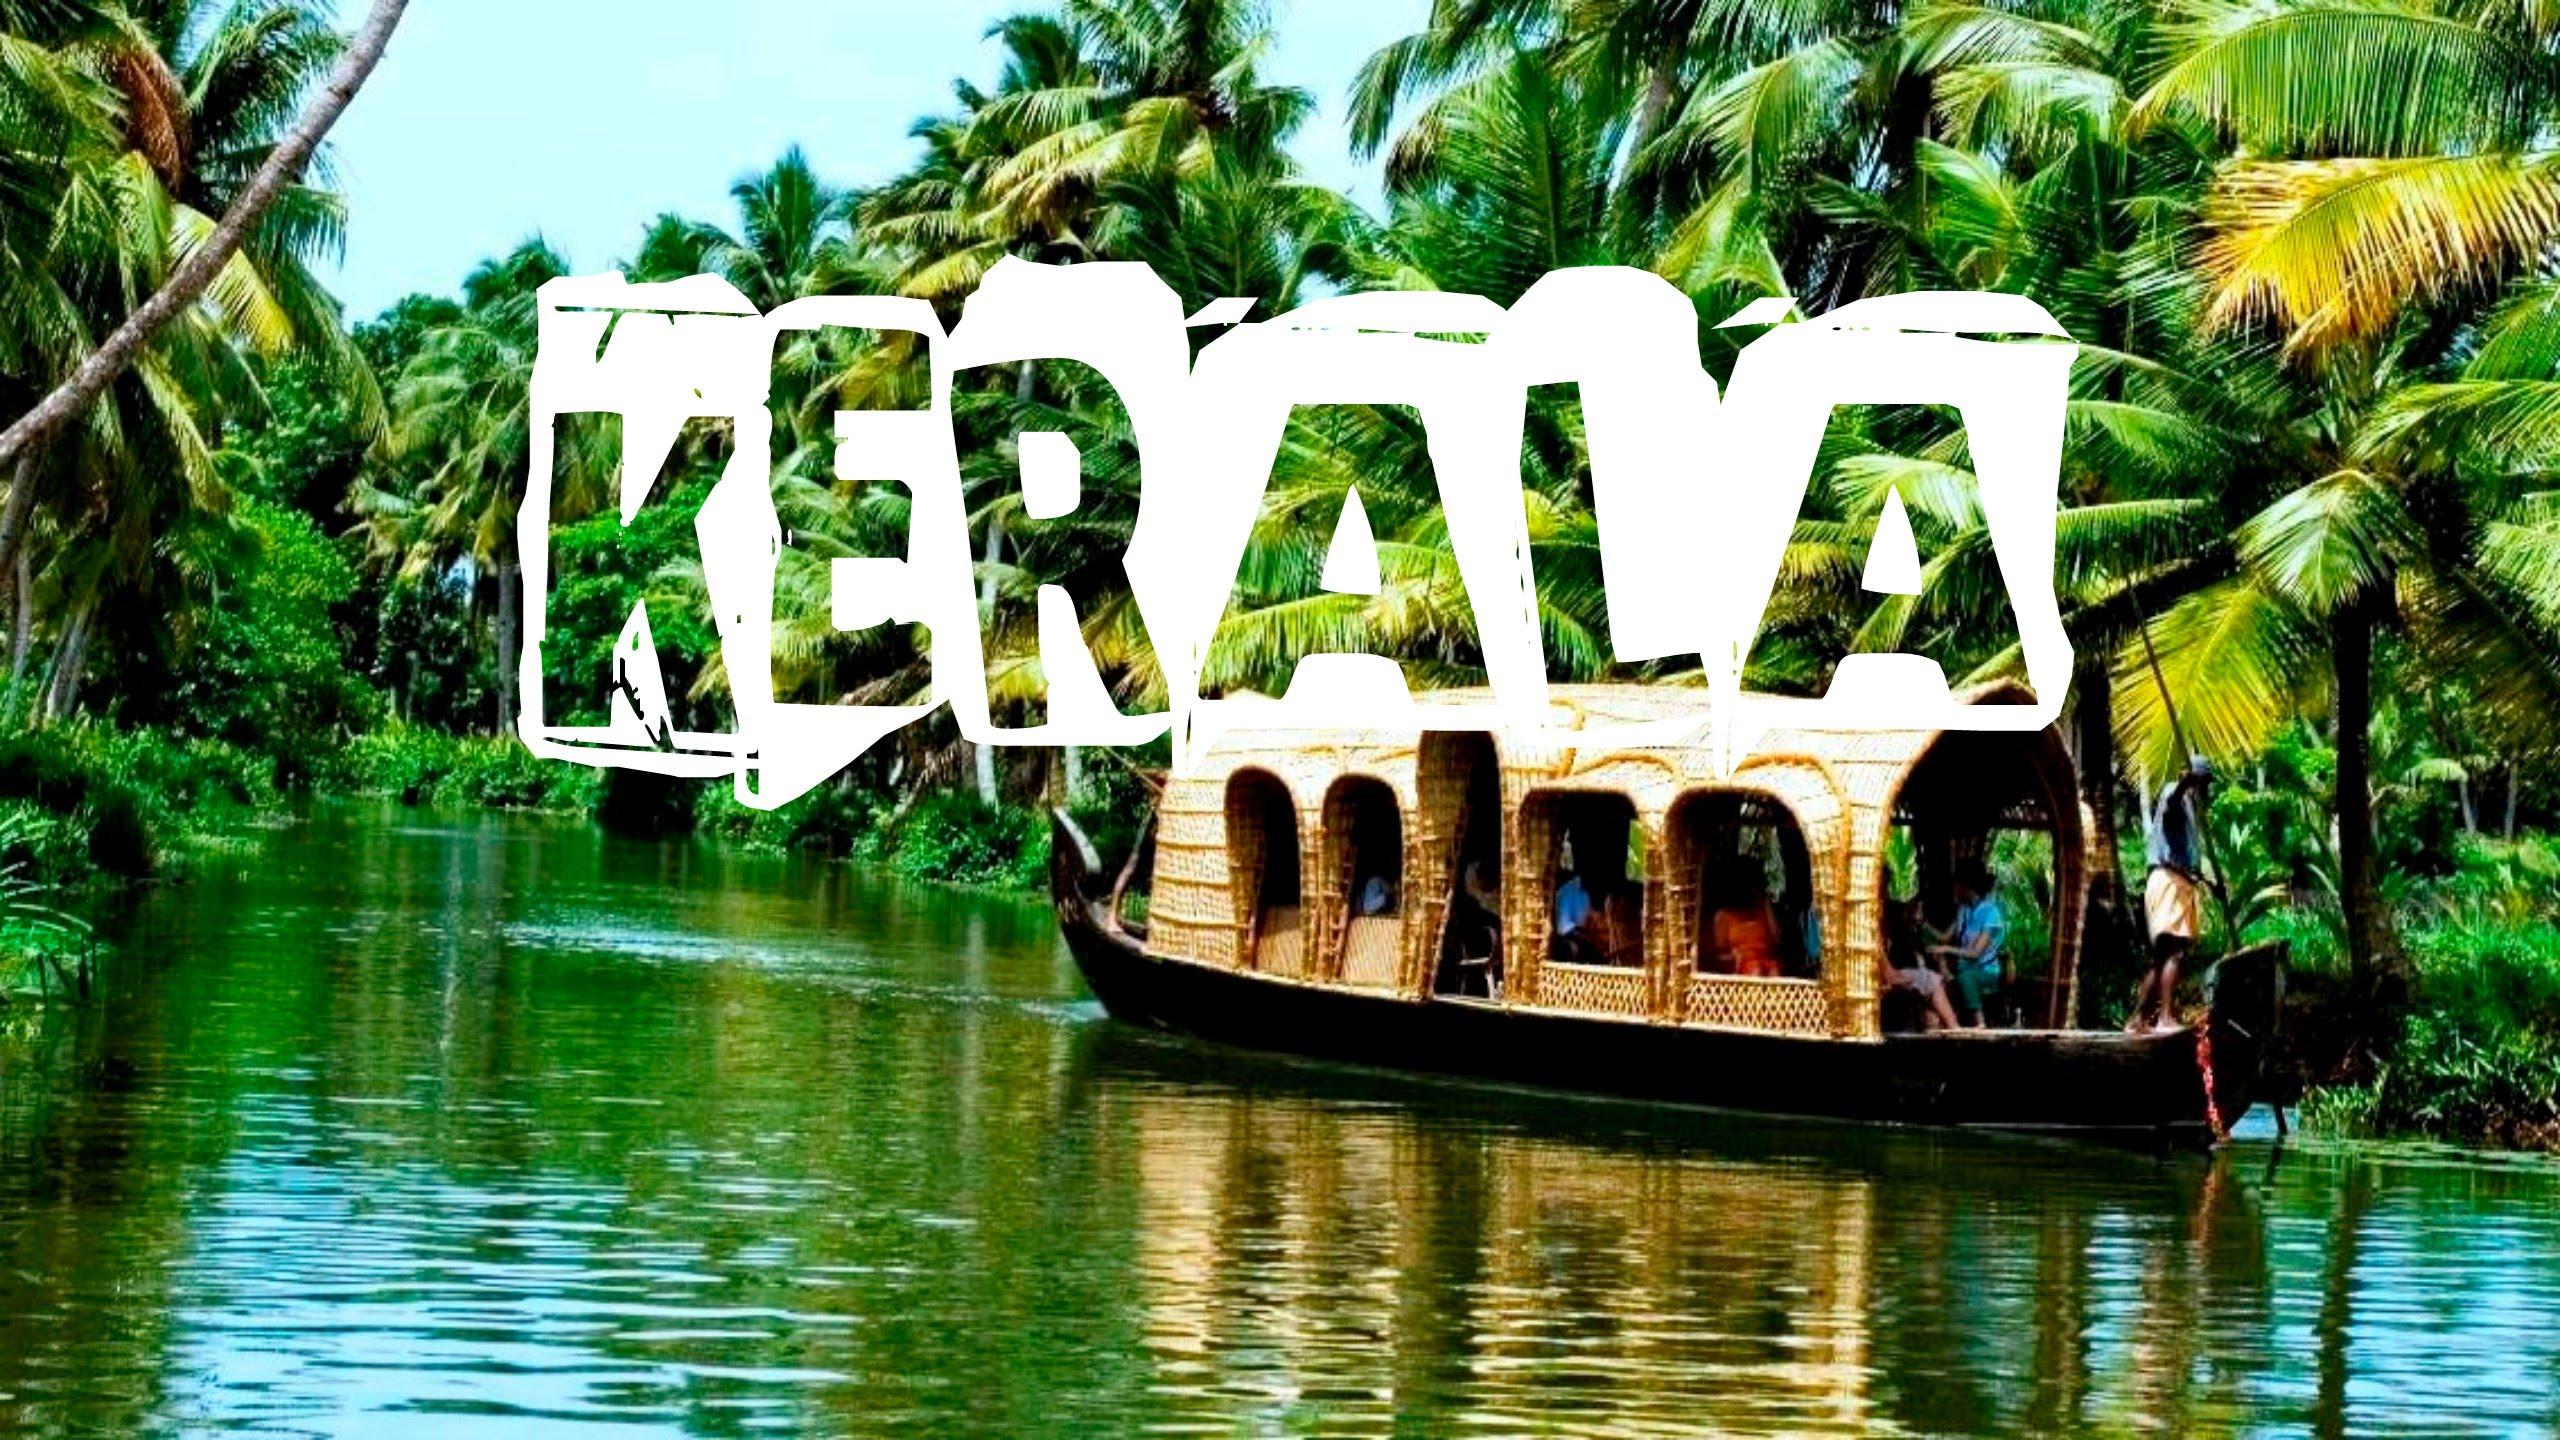 4N/5D Budget Kerala Package